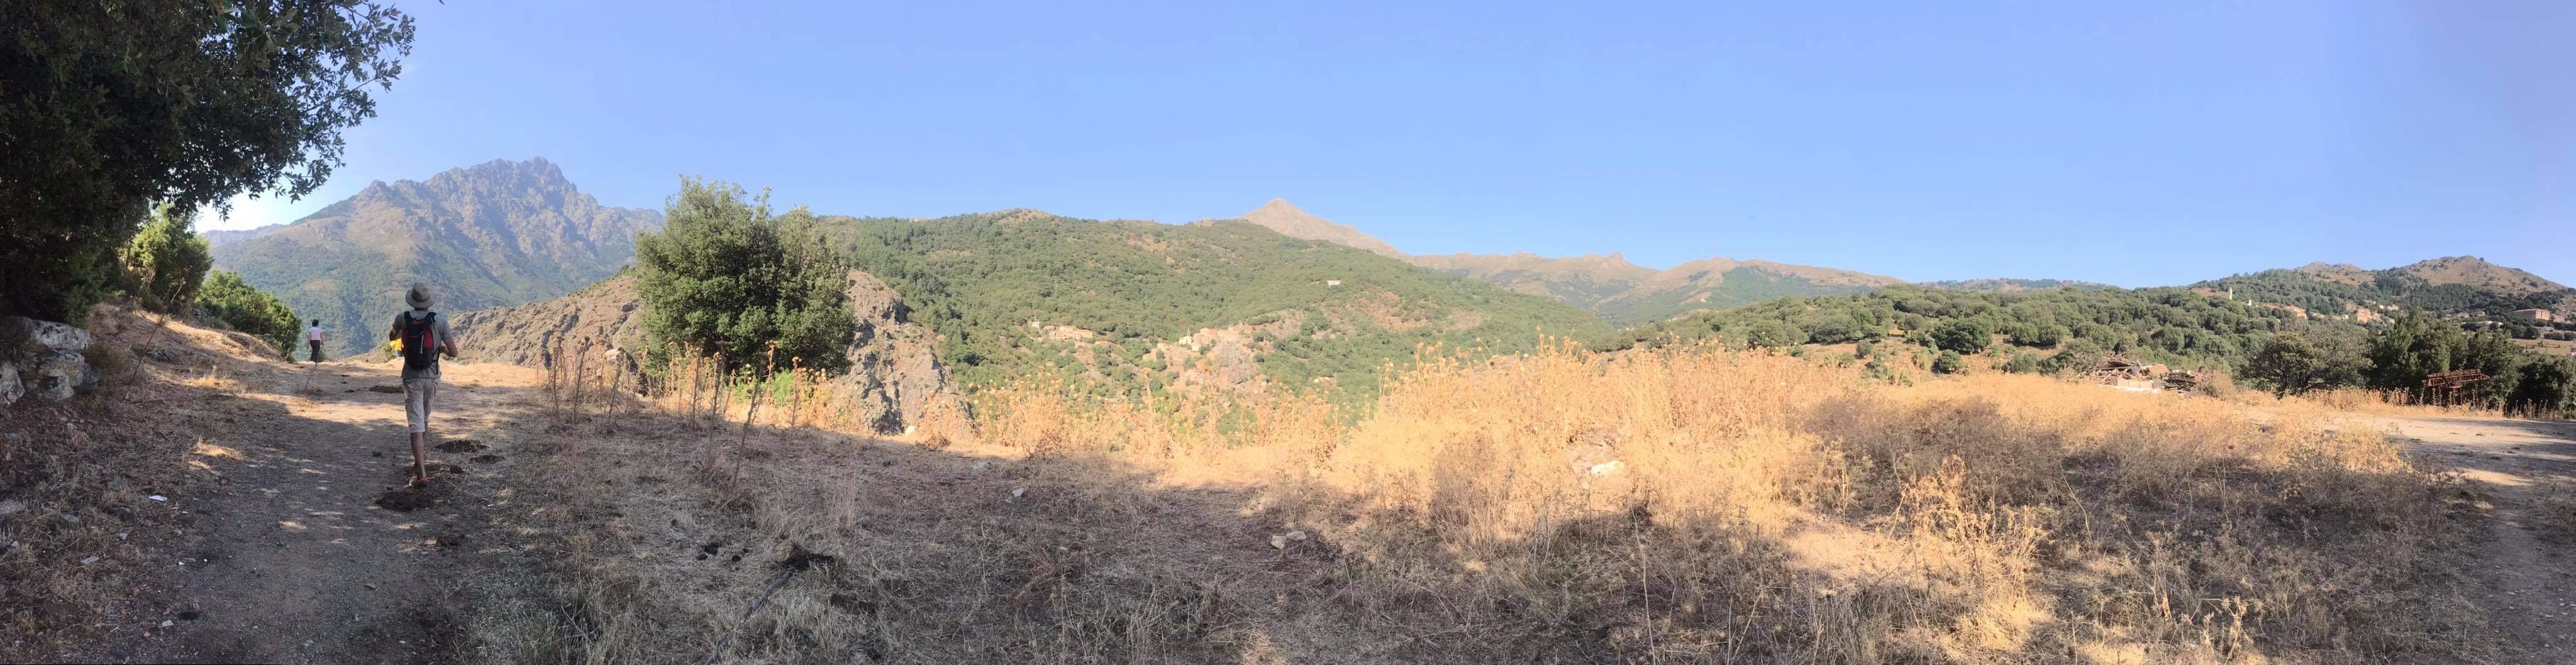 Monte PADRU OLMI CAPELLA GEOMETRE CORSE.